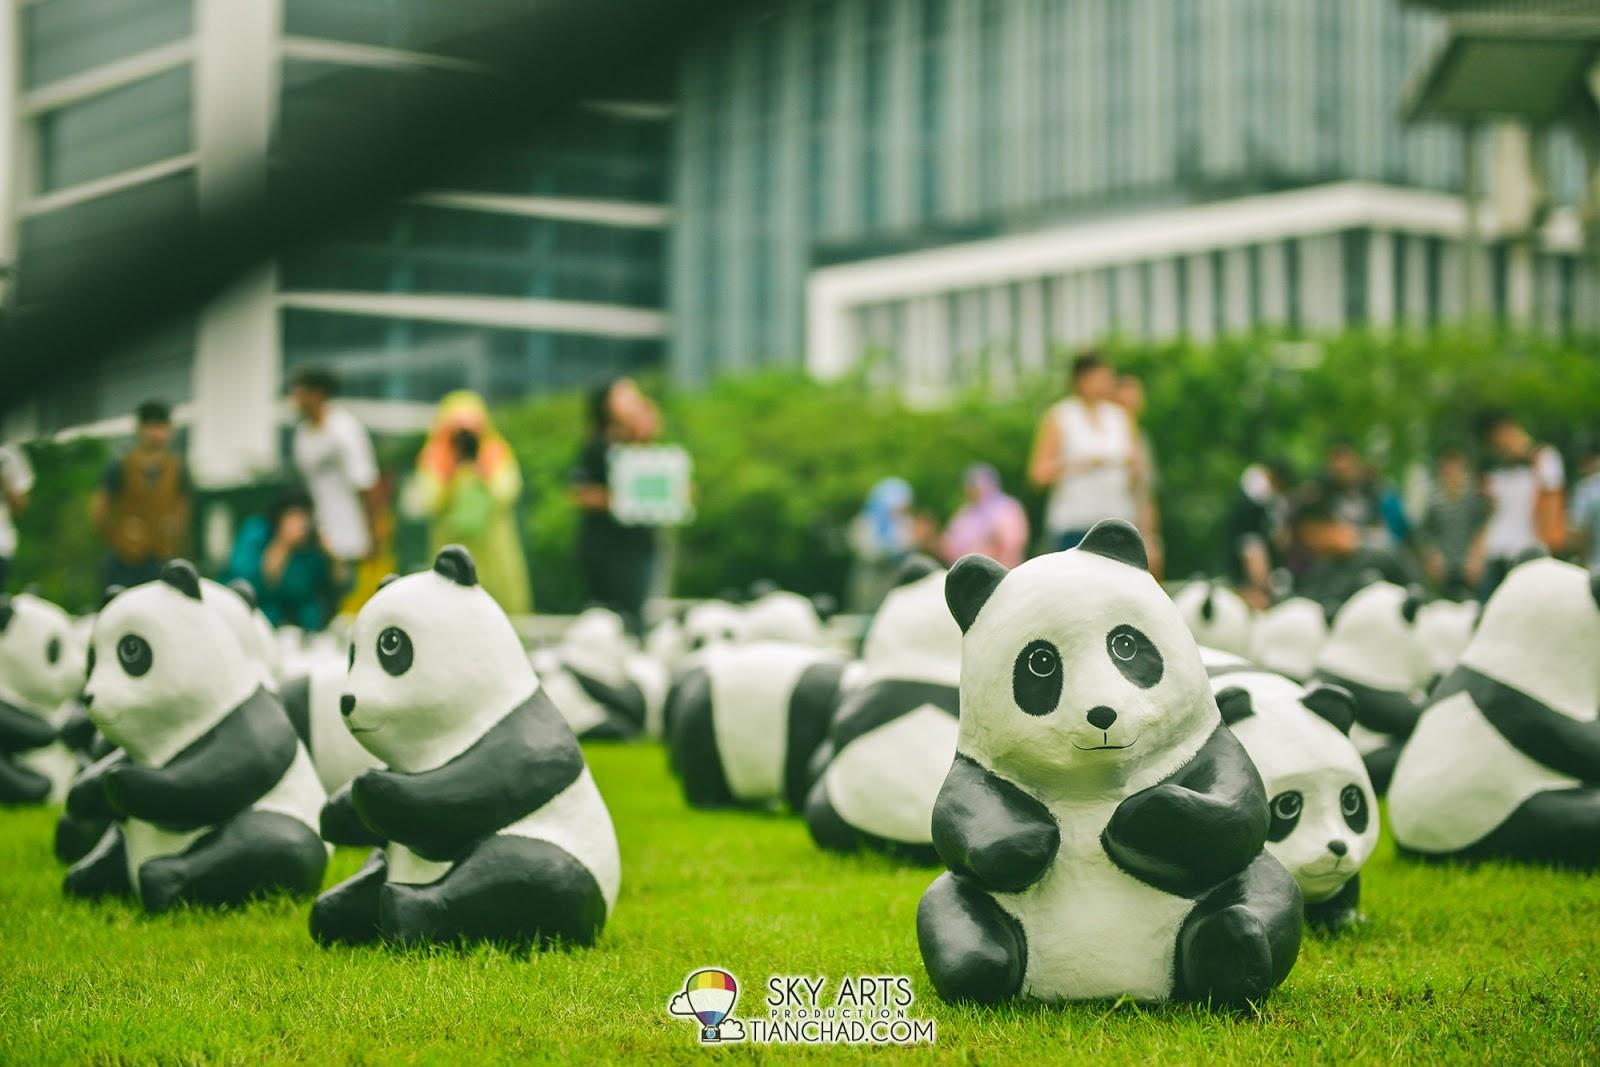 1600 Pandas Flash Mob @ Perbadanan Putrajaya, Malaysia #1600Pandas